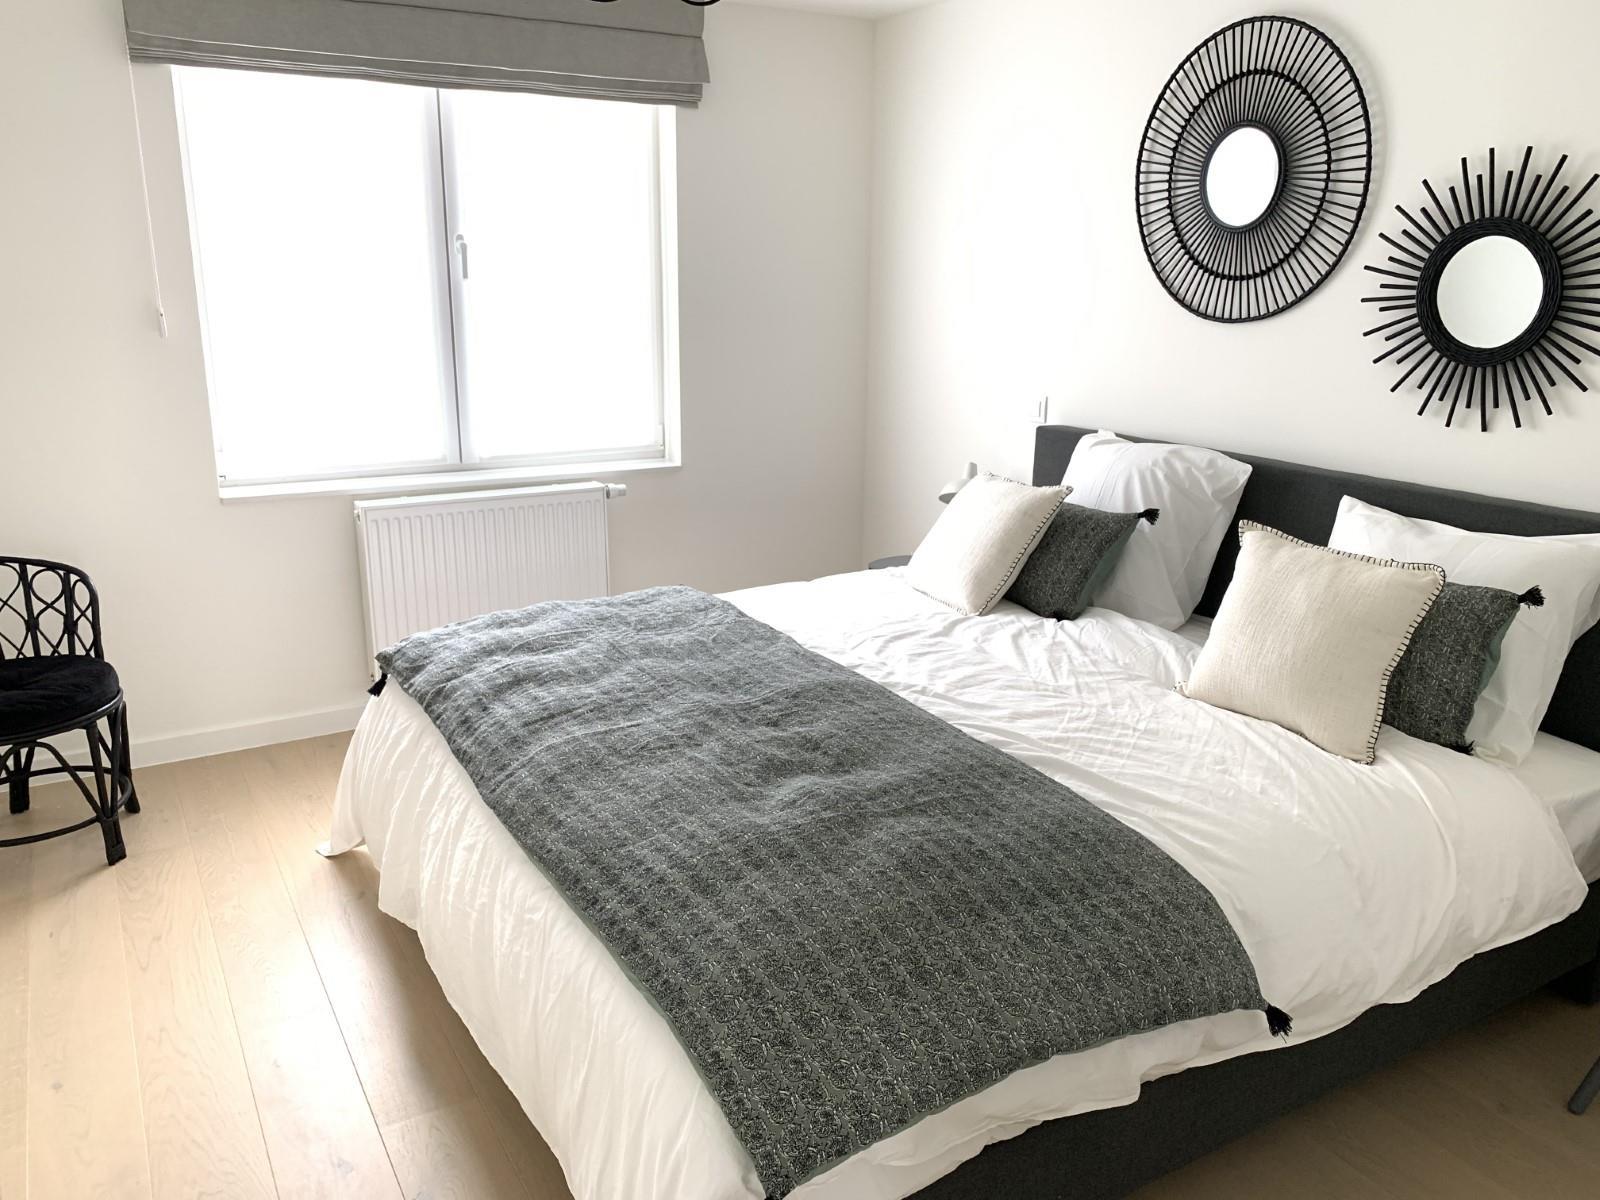 Appartement exceptionnel - Schaerbeek - #3827674-6